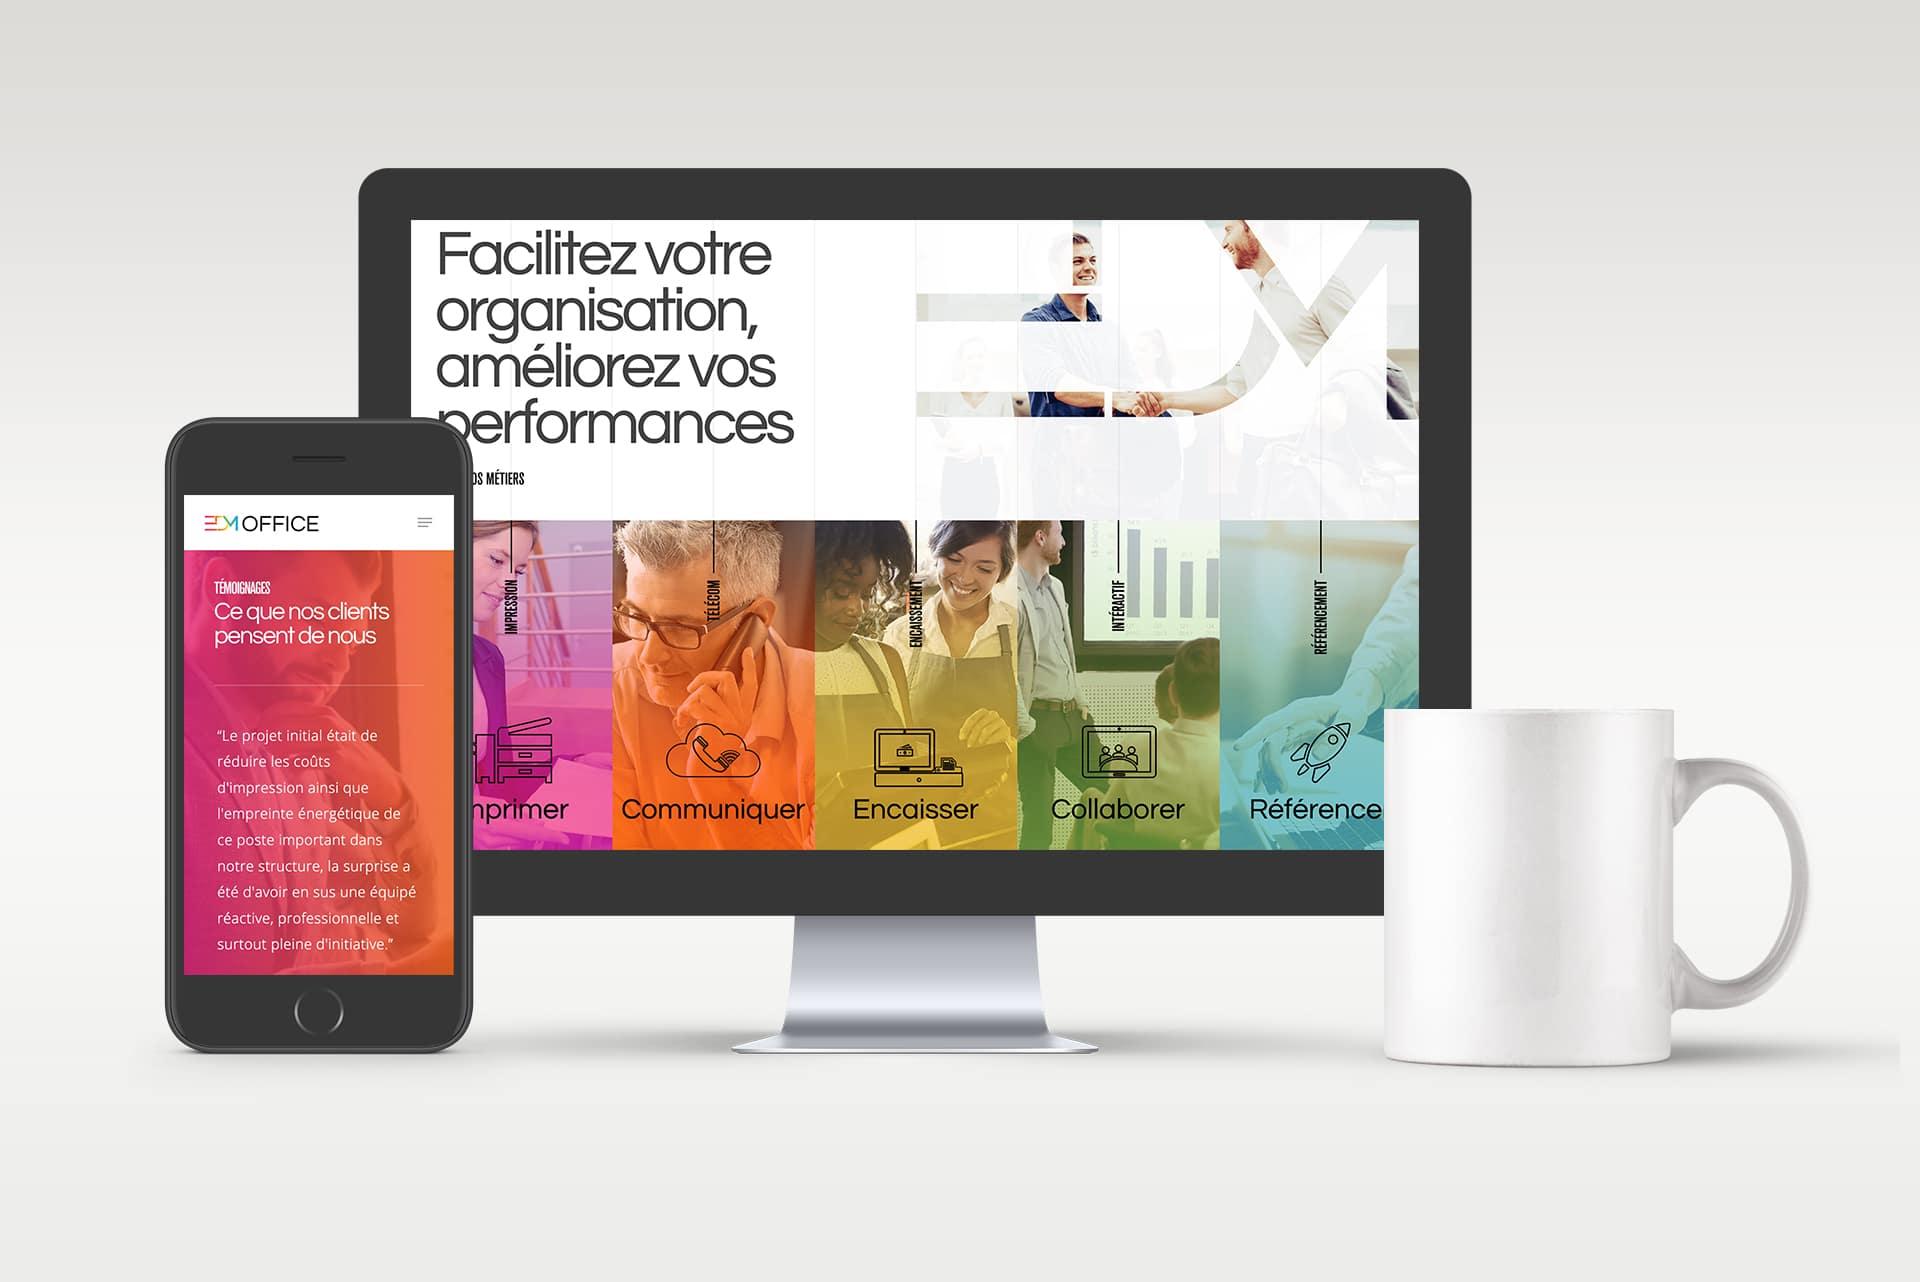 image de mise en situation du site web d'EDM dans un écran d'ordinateur et un téléphone